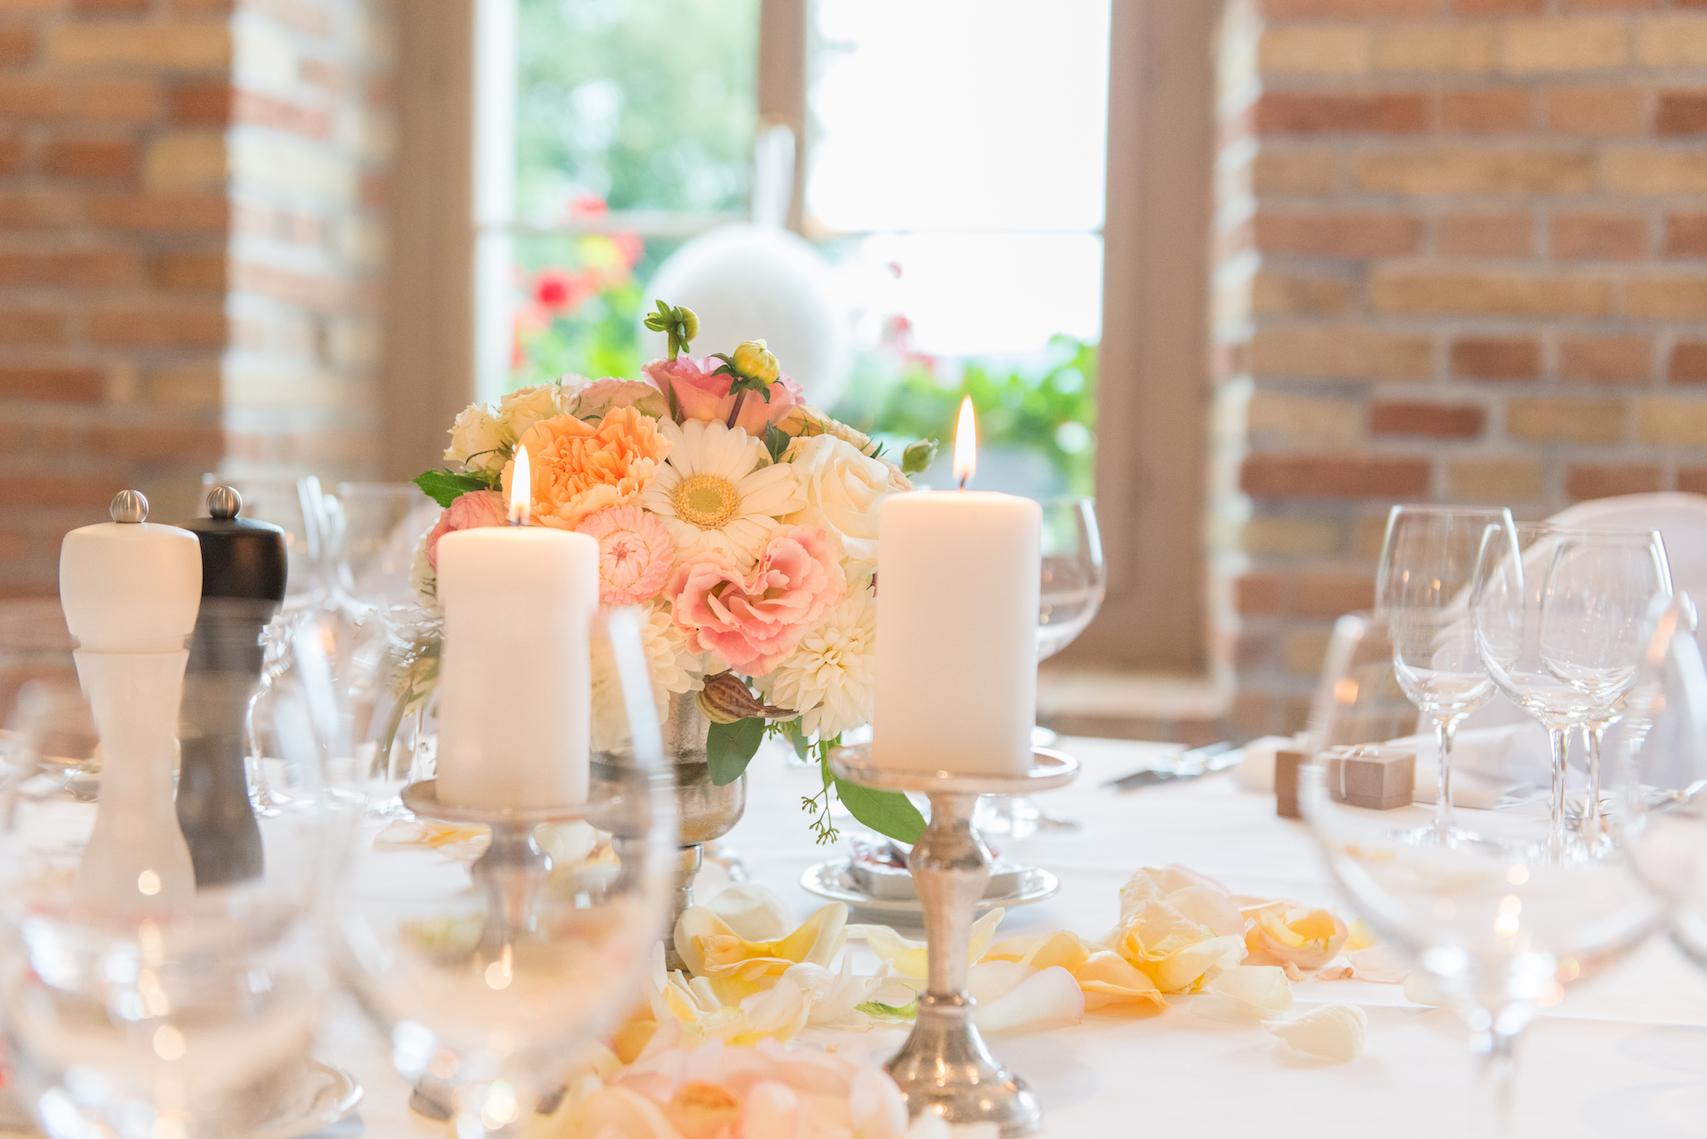 Tischschmuck hochzeit farbig kerze brennen bl tenart for Raumgestaltung hochzeit